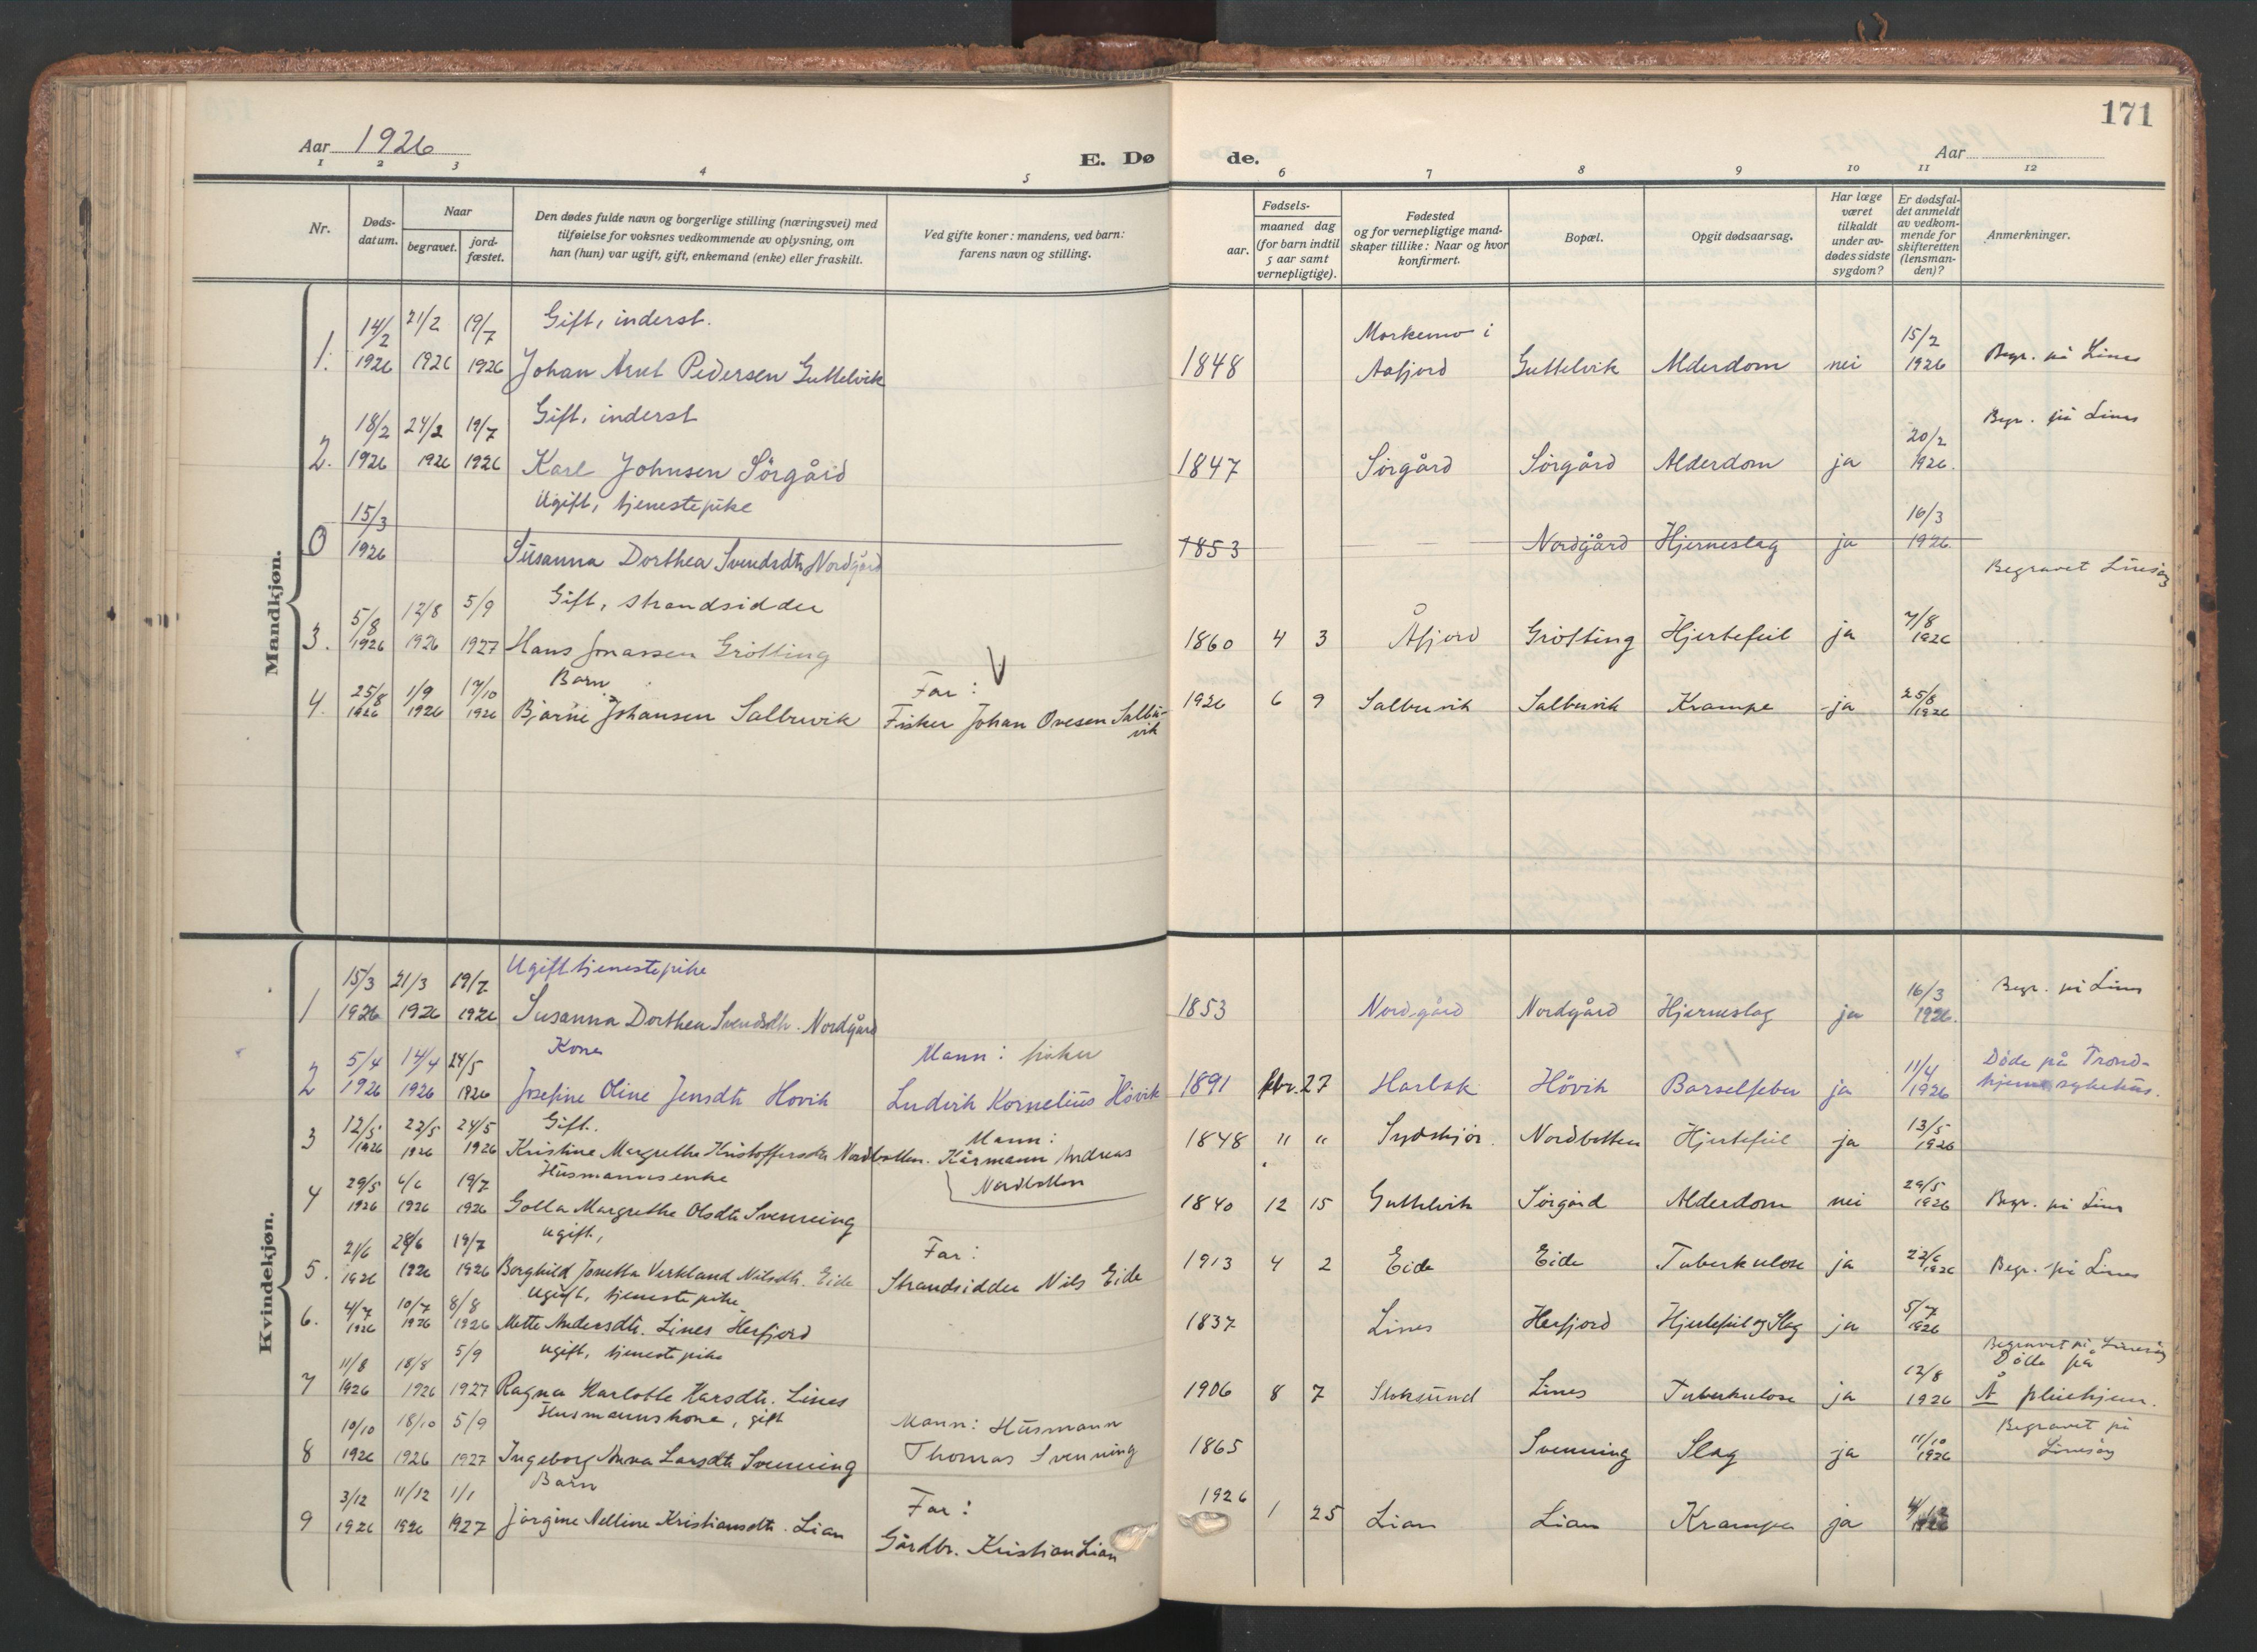 SAT, Ministerialprotokoller, klokkerbøker og fødselsregistre - Sør-Trøndelag, 656/L0694: Ministerialbok nr. 656A03, 1914-1931, s. 171